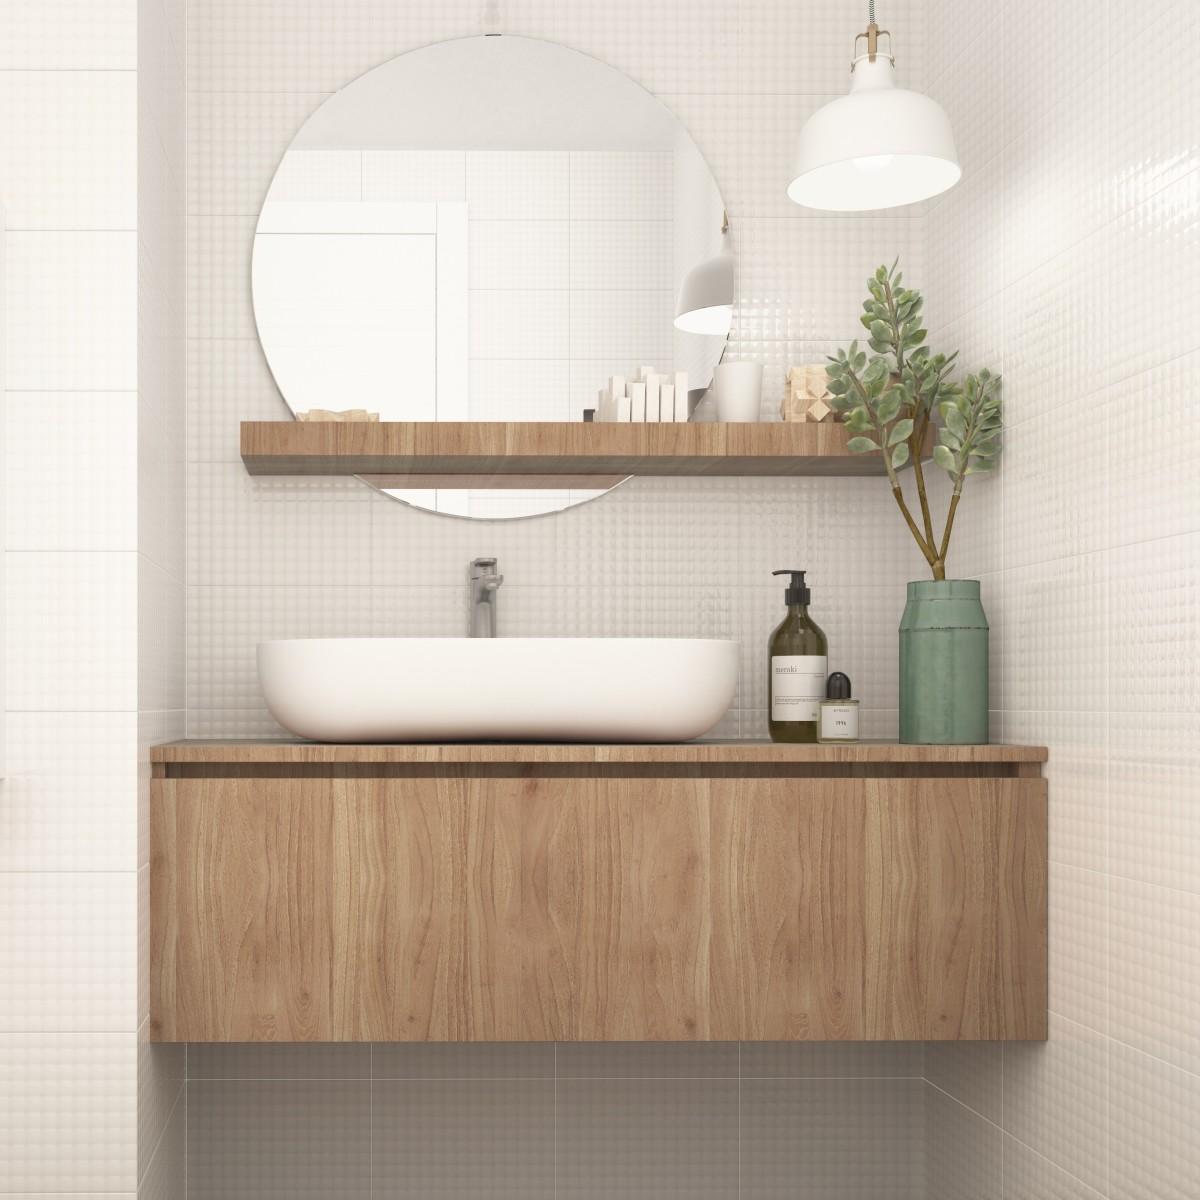 Плитка настенная Структура 3D 20x30 см 1.44 м² цвет белый матовый